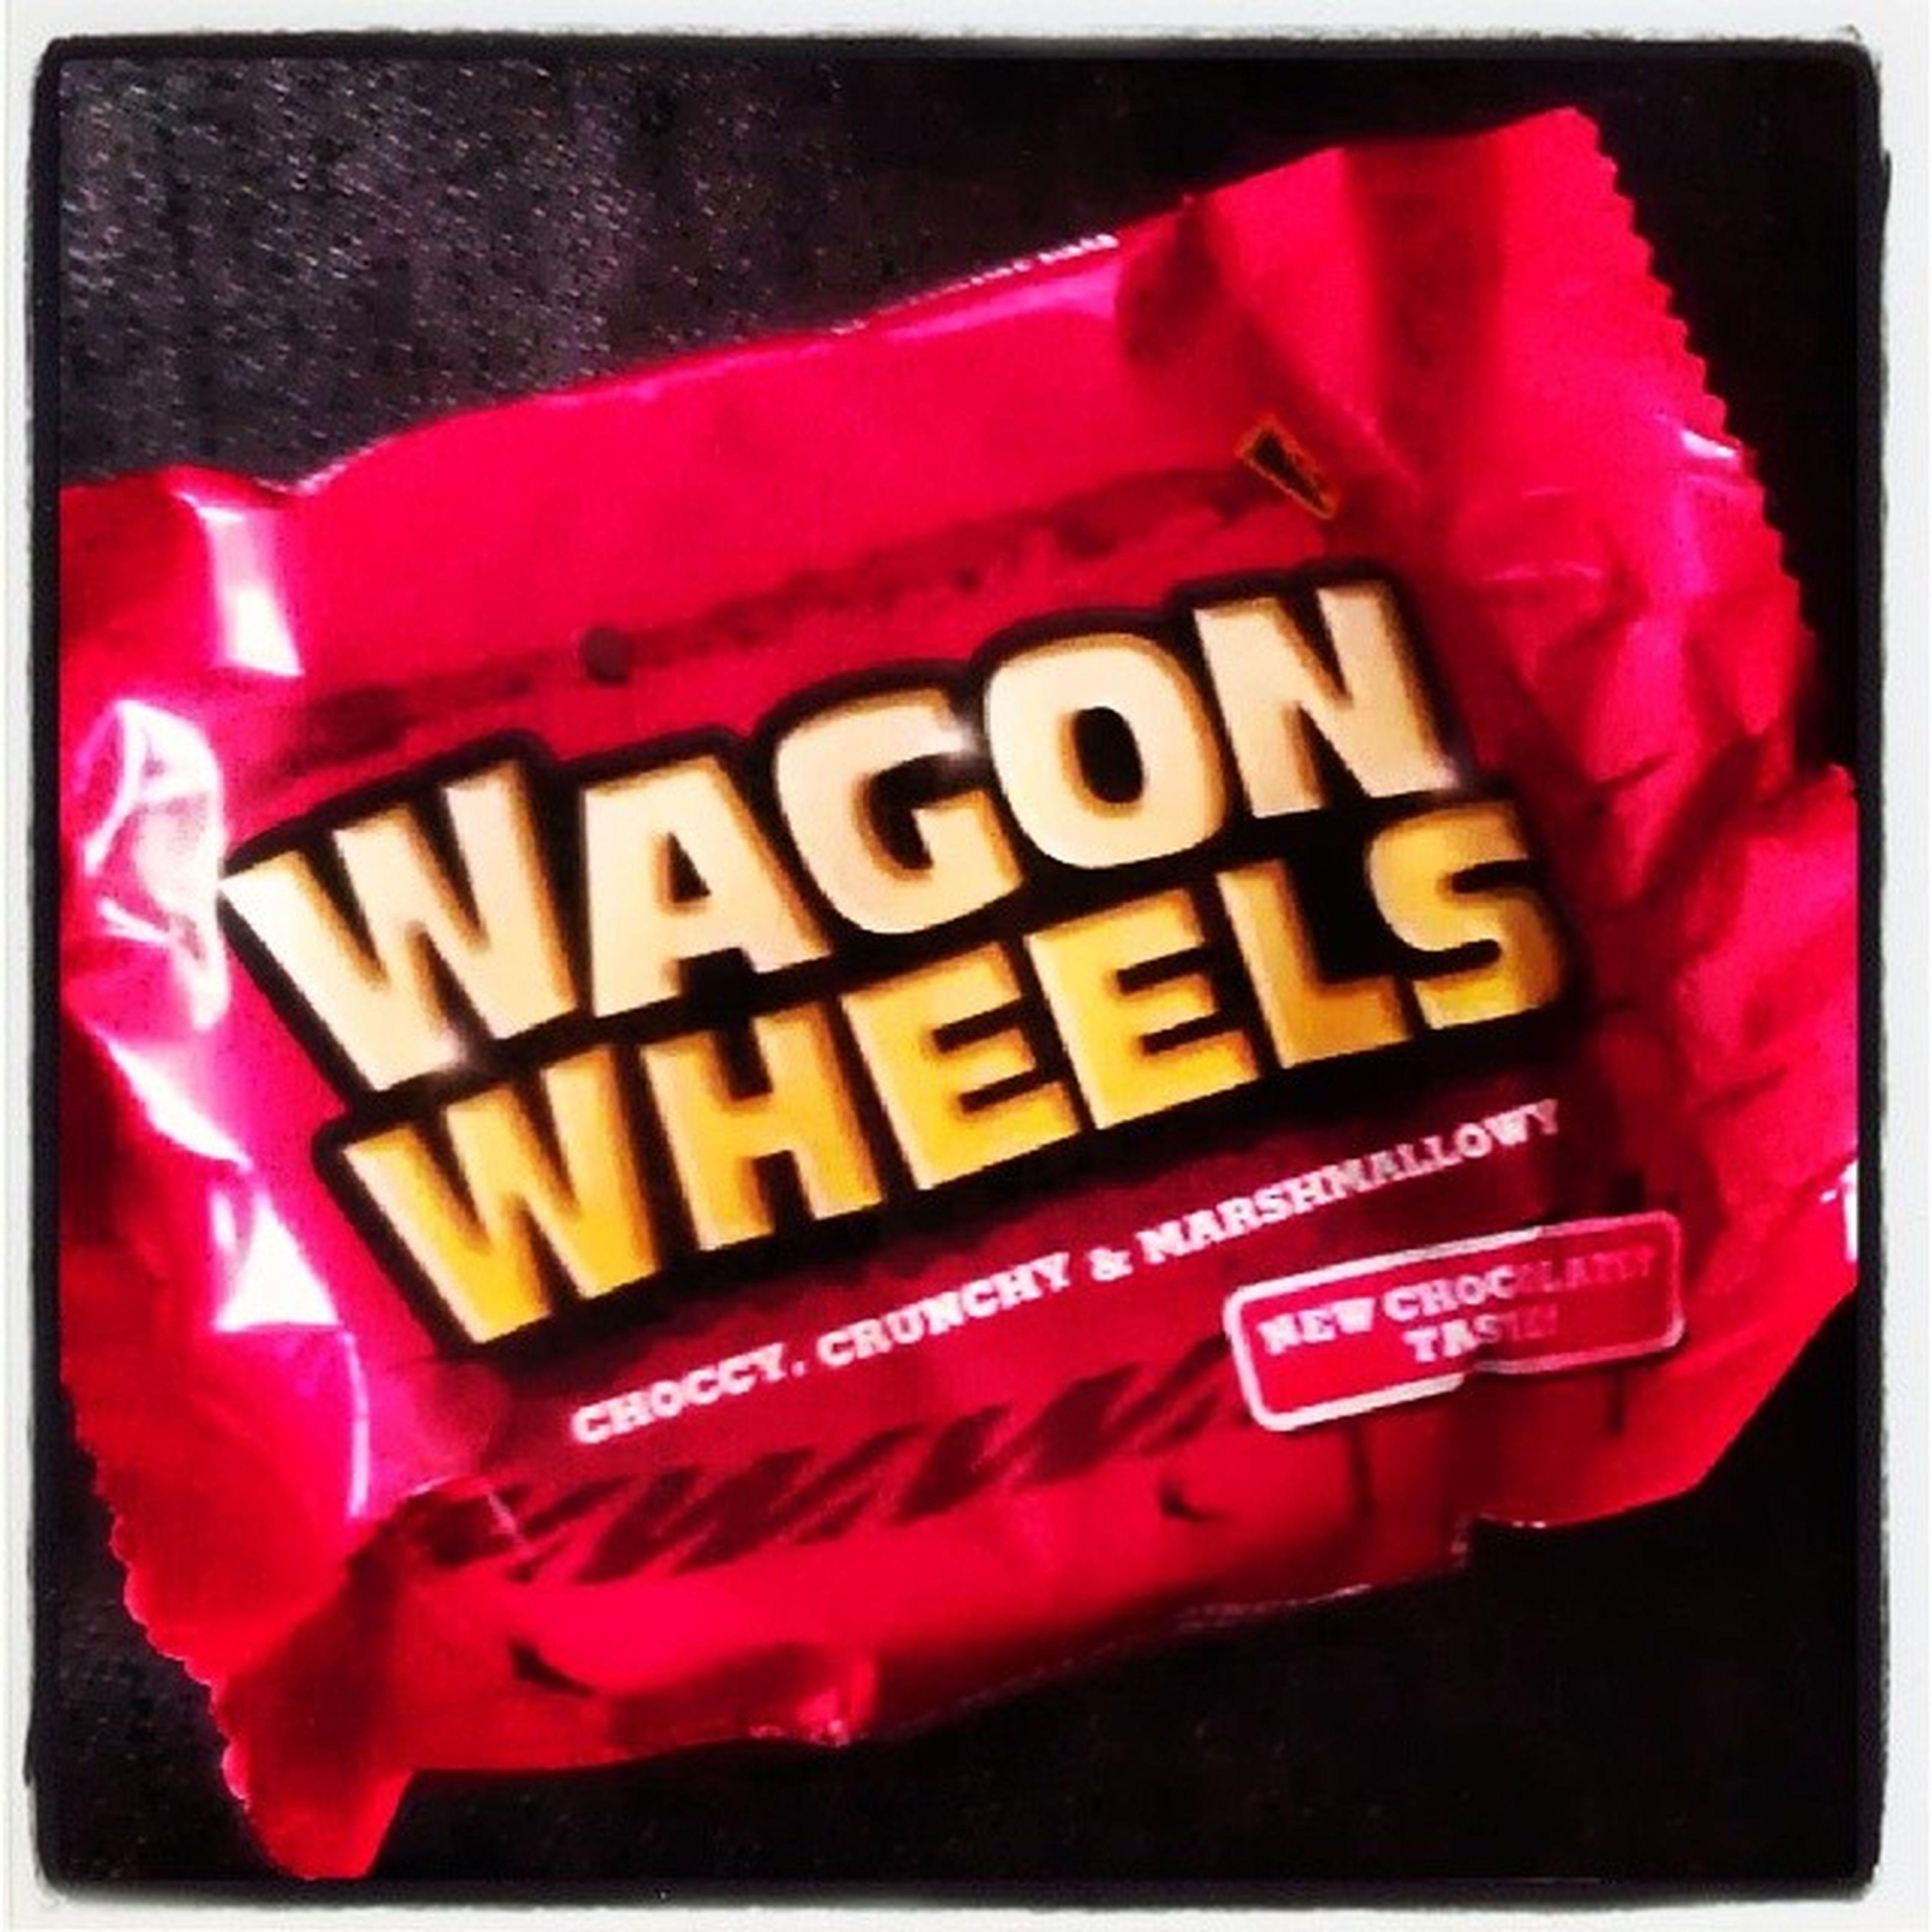 Вкус детства! Жизнь слишком коротка, чтобы не есть Wagonwheels